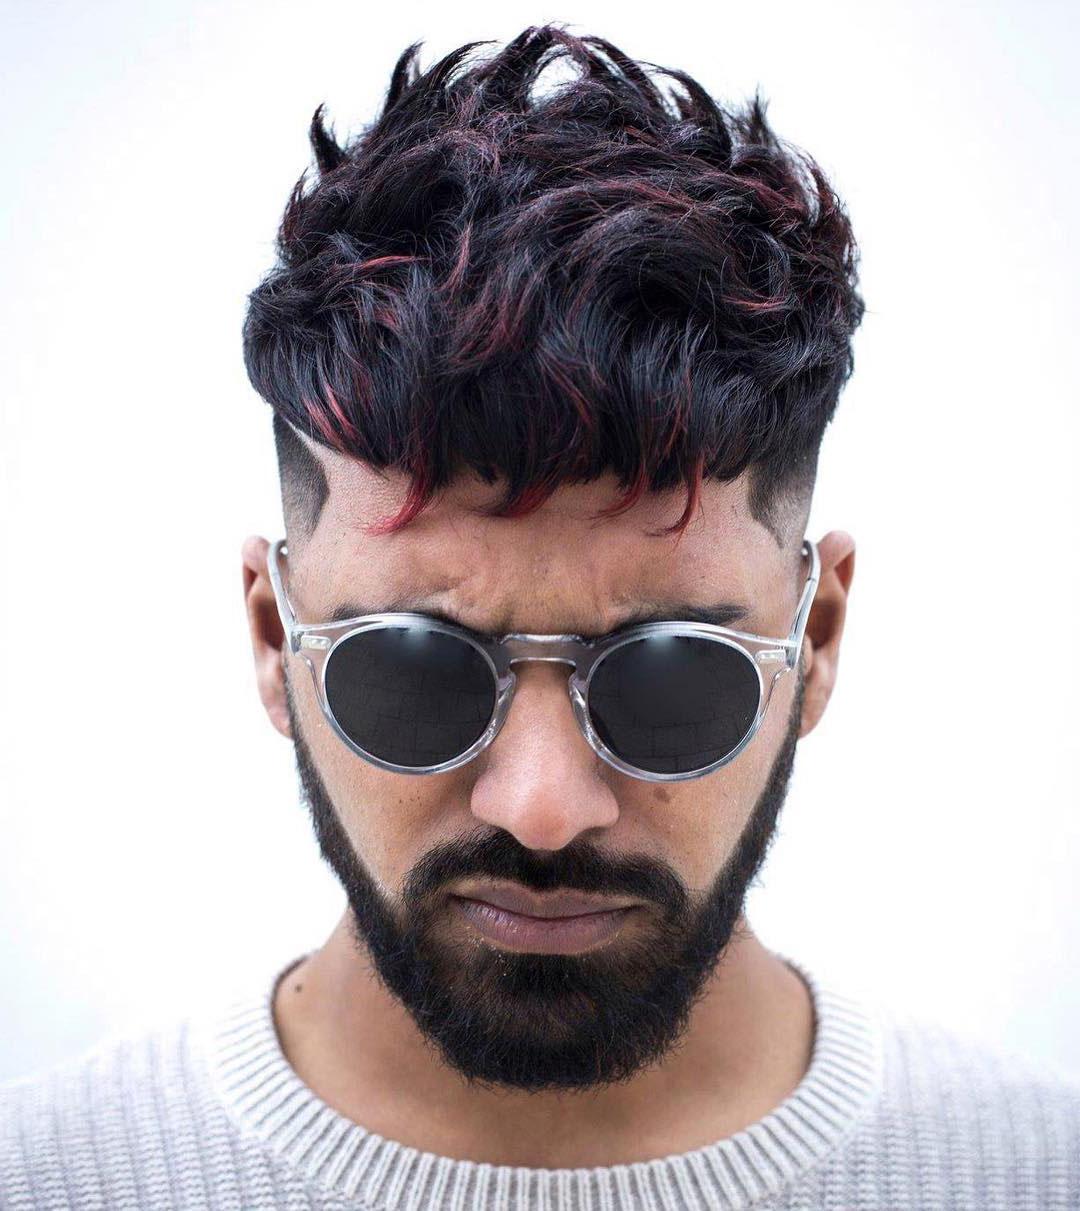 Short Curly Undercut Design with Full Beard